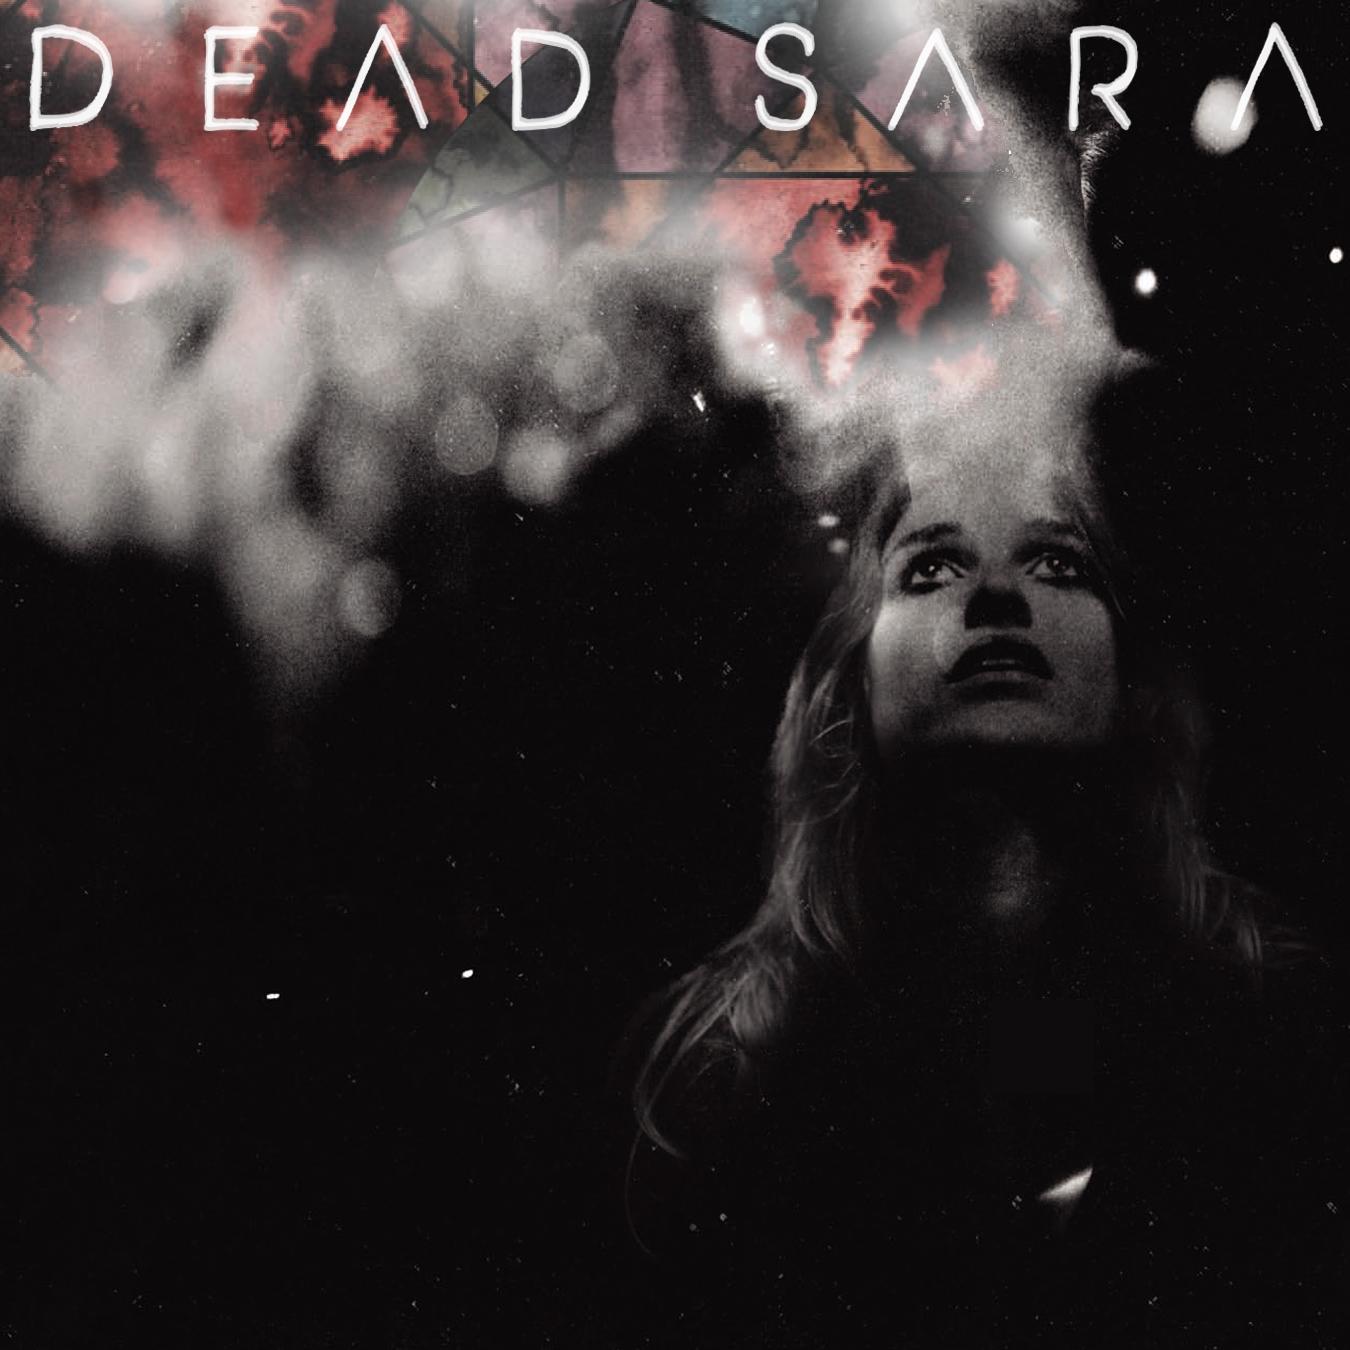 DeadSara_cdcover.jpg